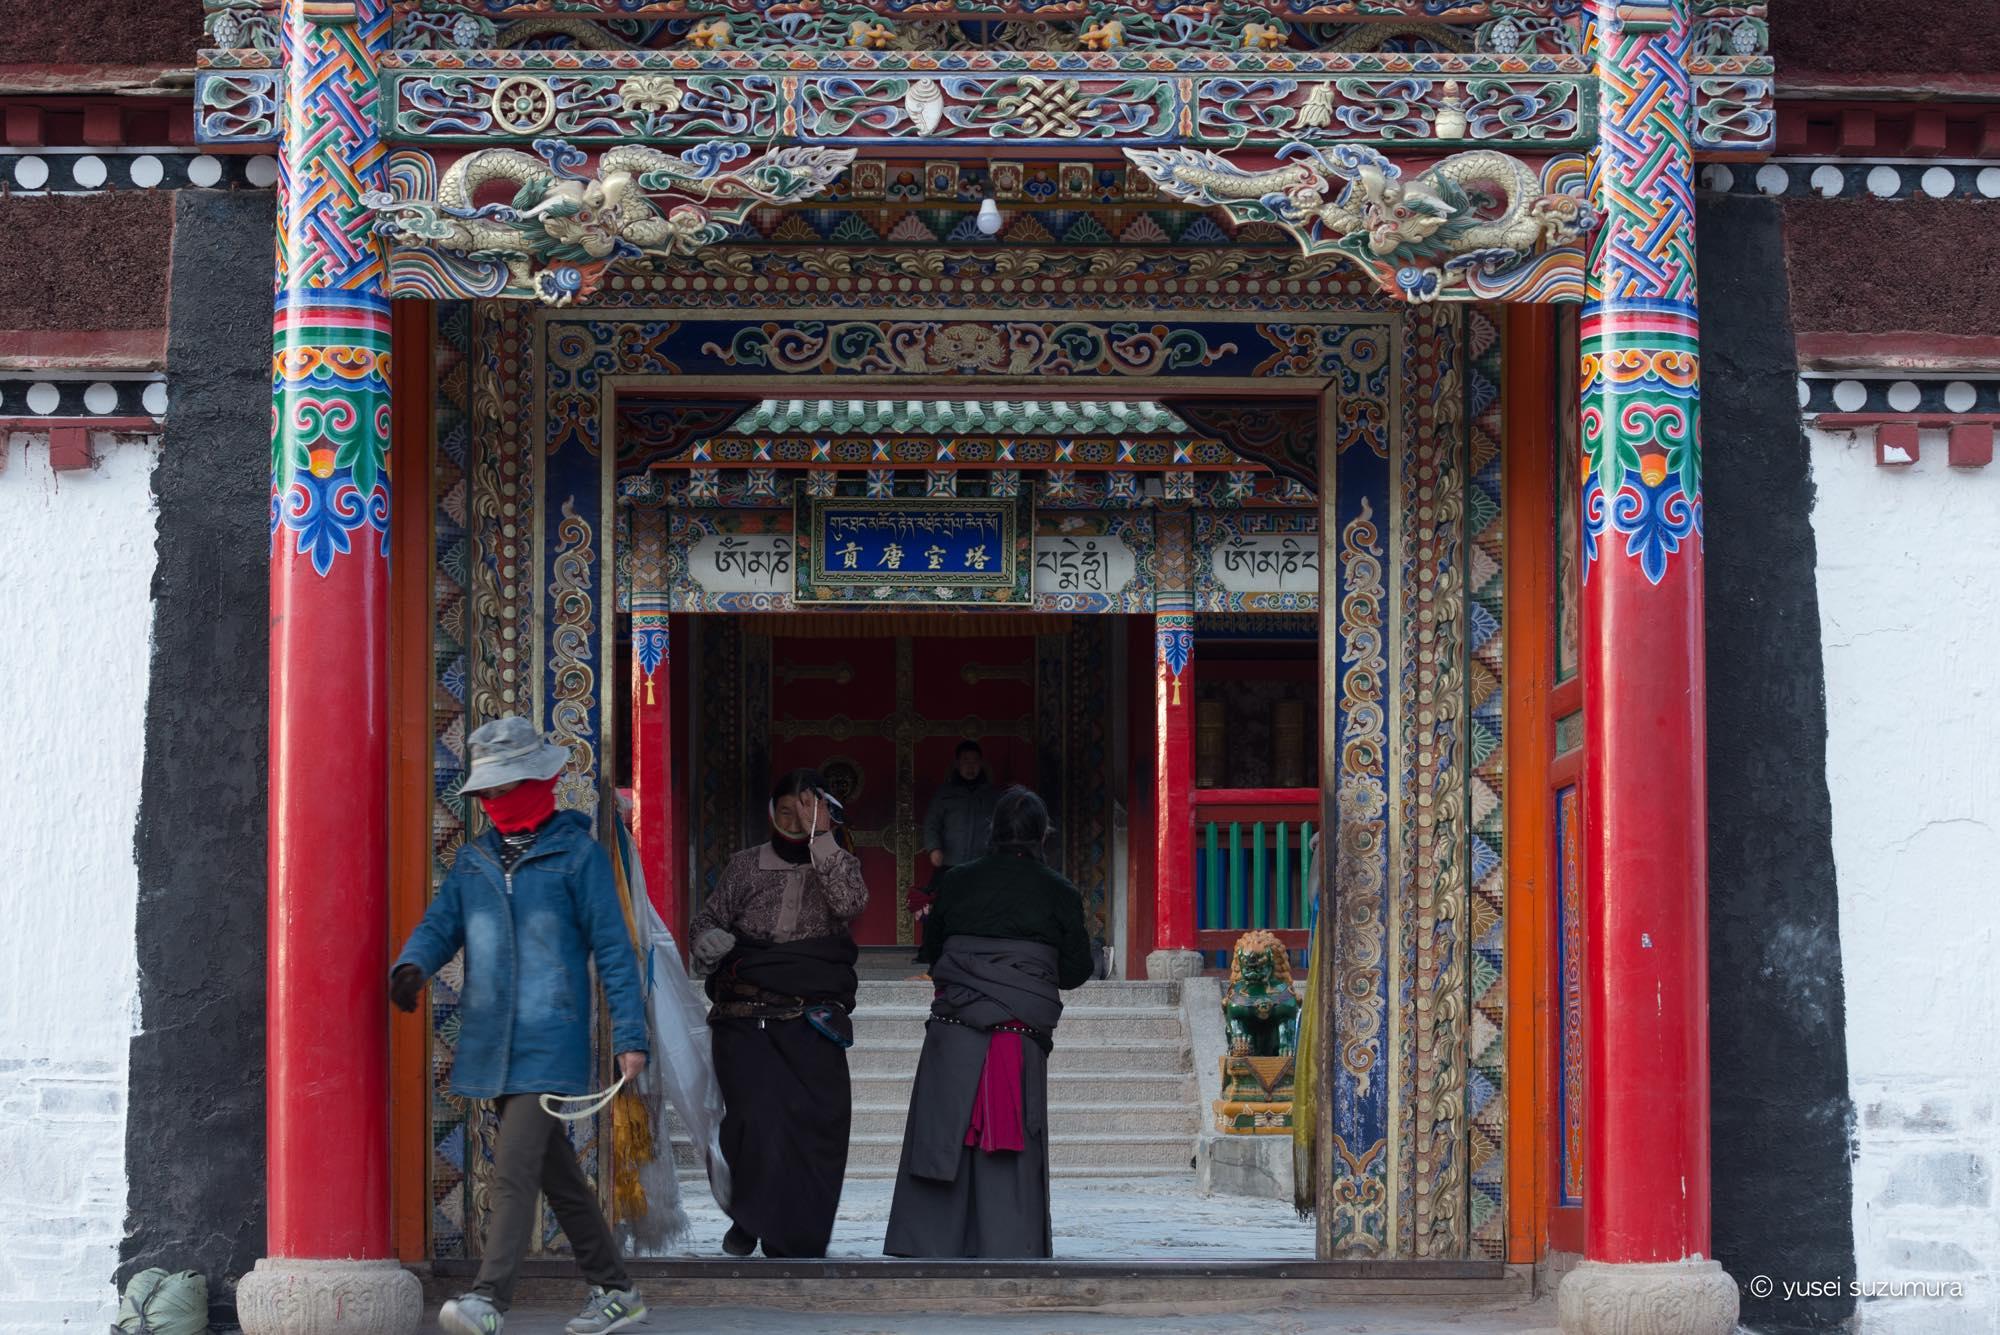 ラプラン寺一日観光。様々な巡礼の形を垣間見る。